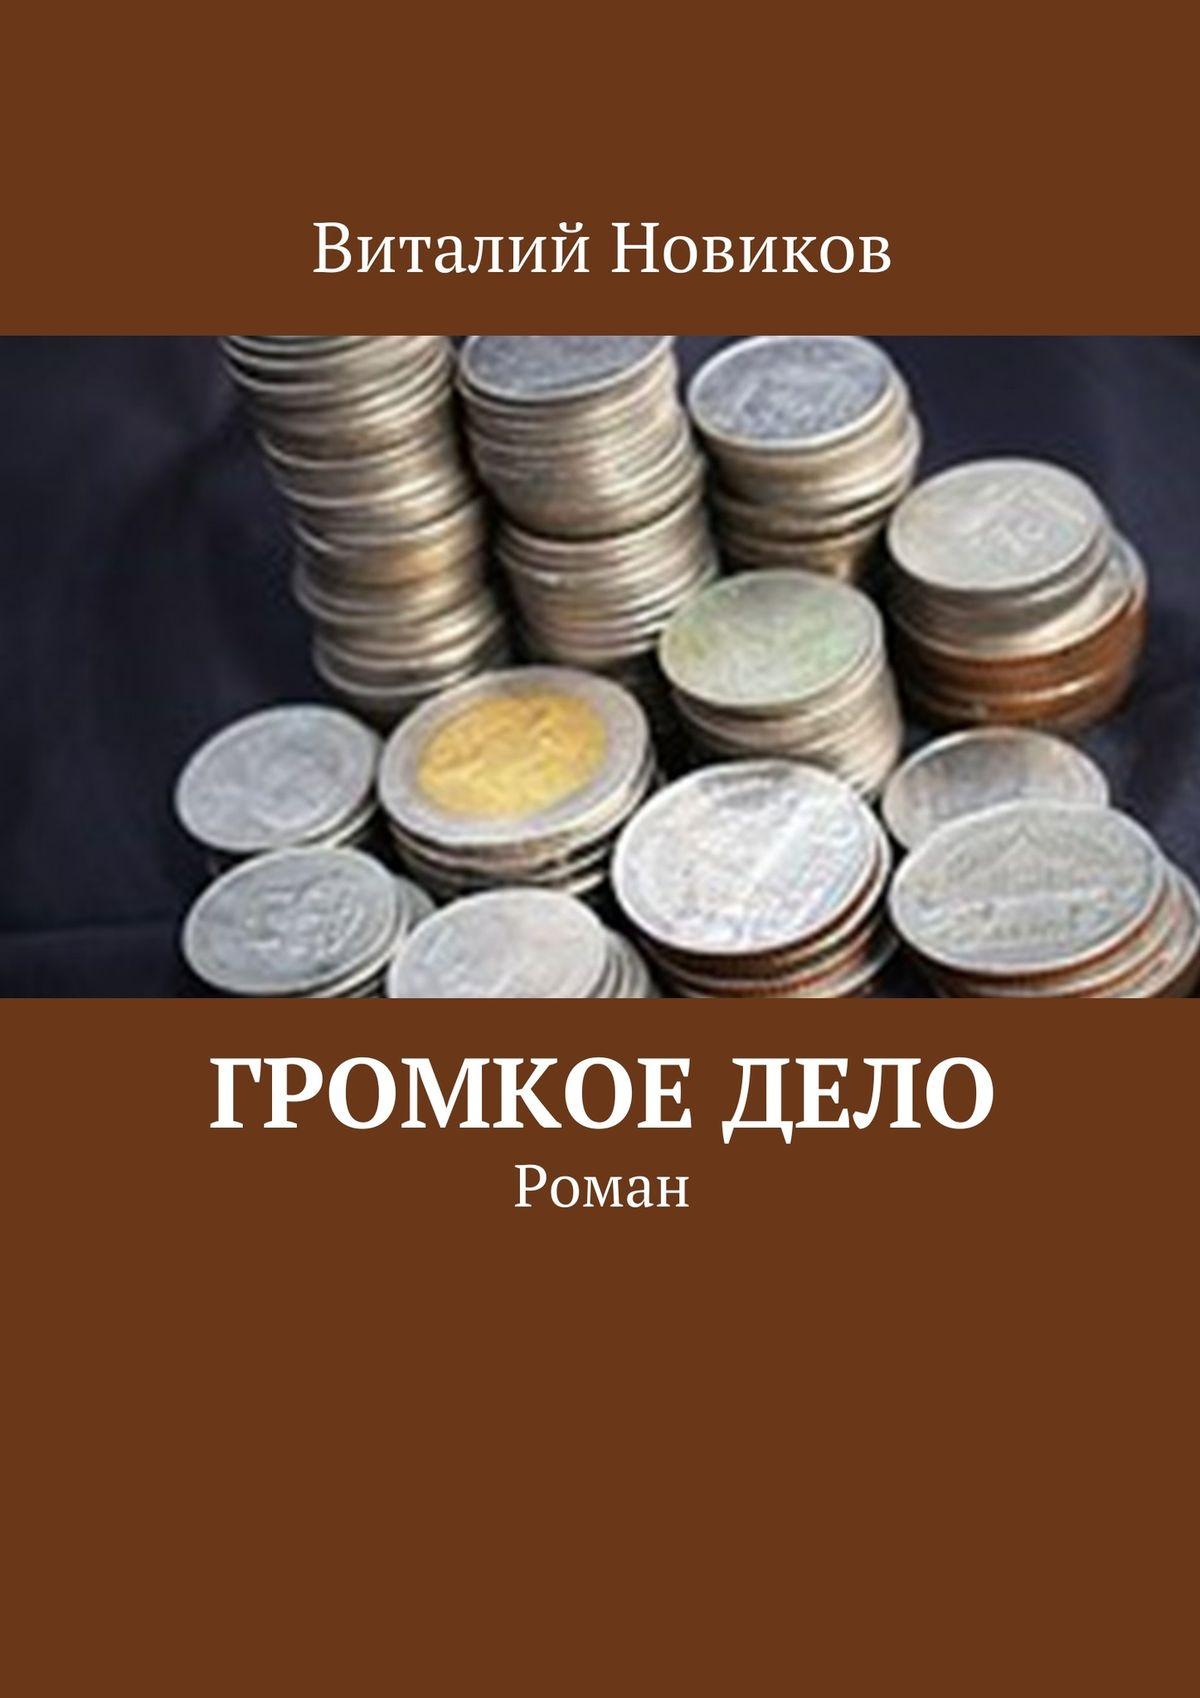 Виталий Новиков Громкое дело. Роман виталий новиков grafоман